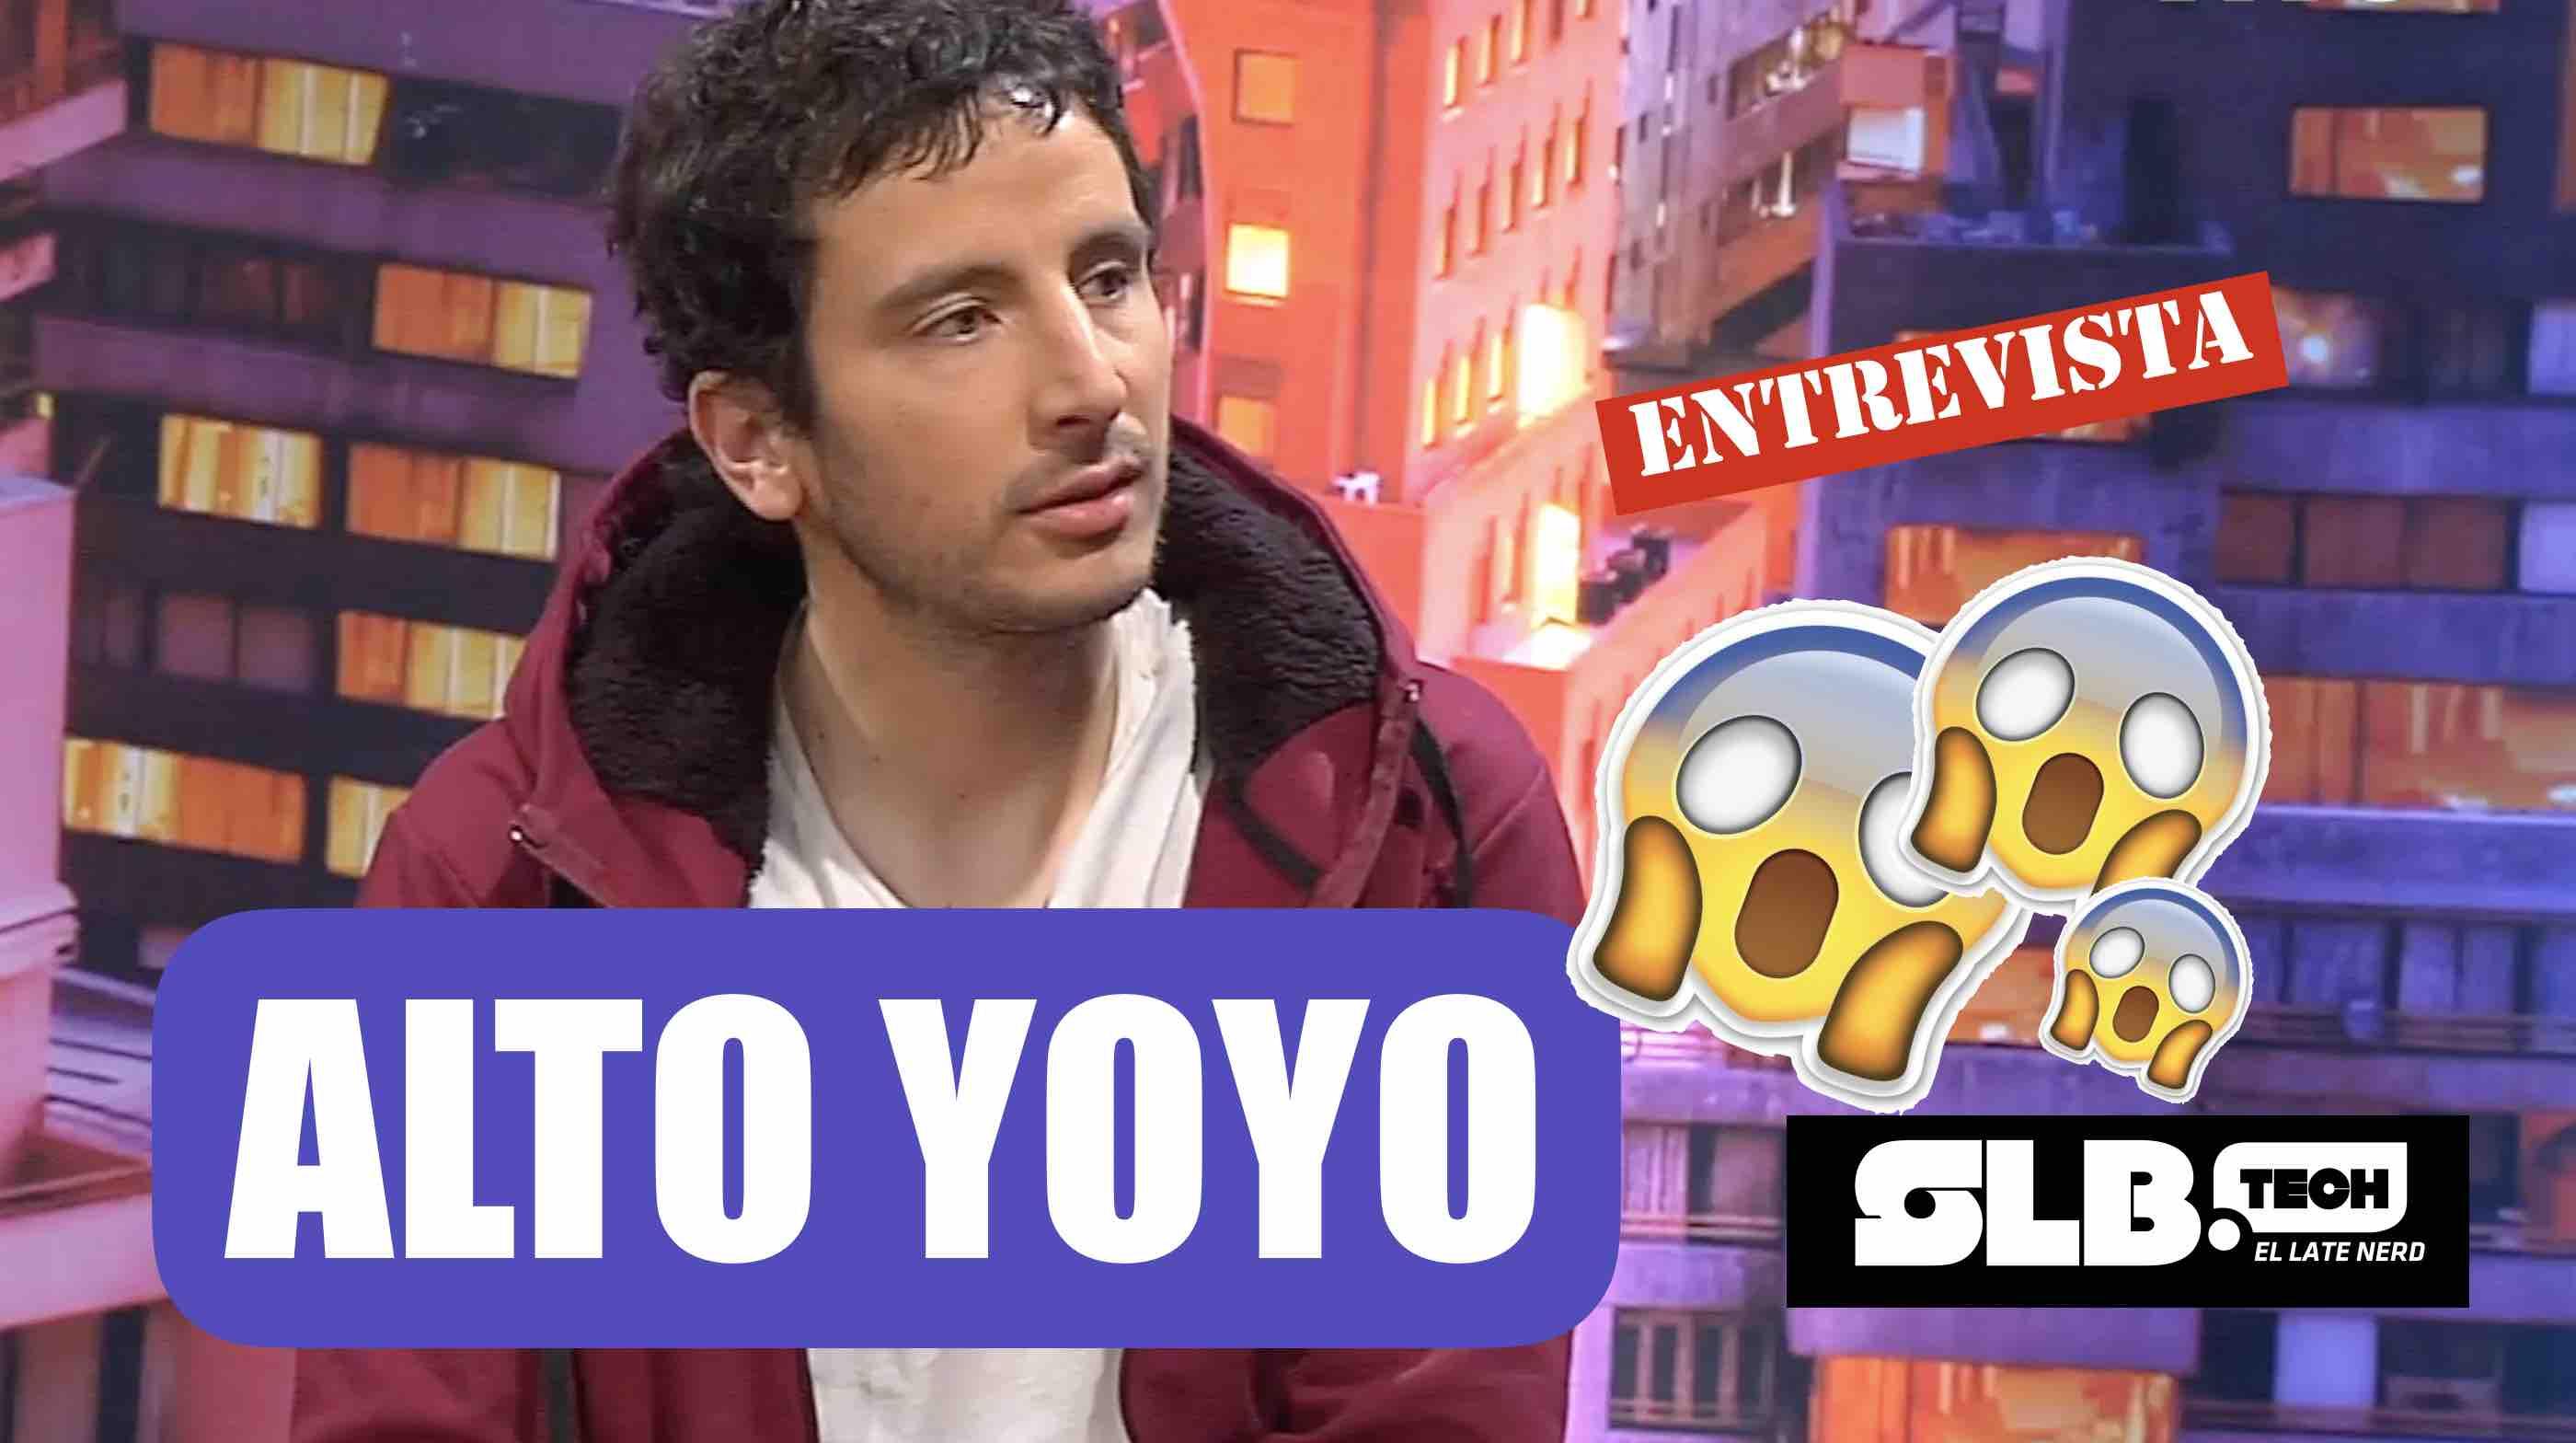 SLBtech. Conversamos con el actor y comediante Alto Yoyo